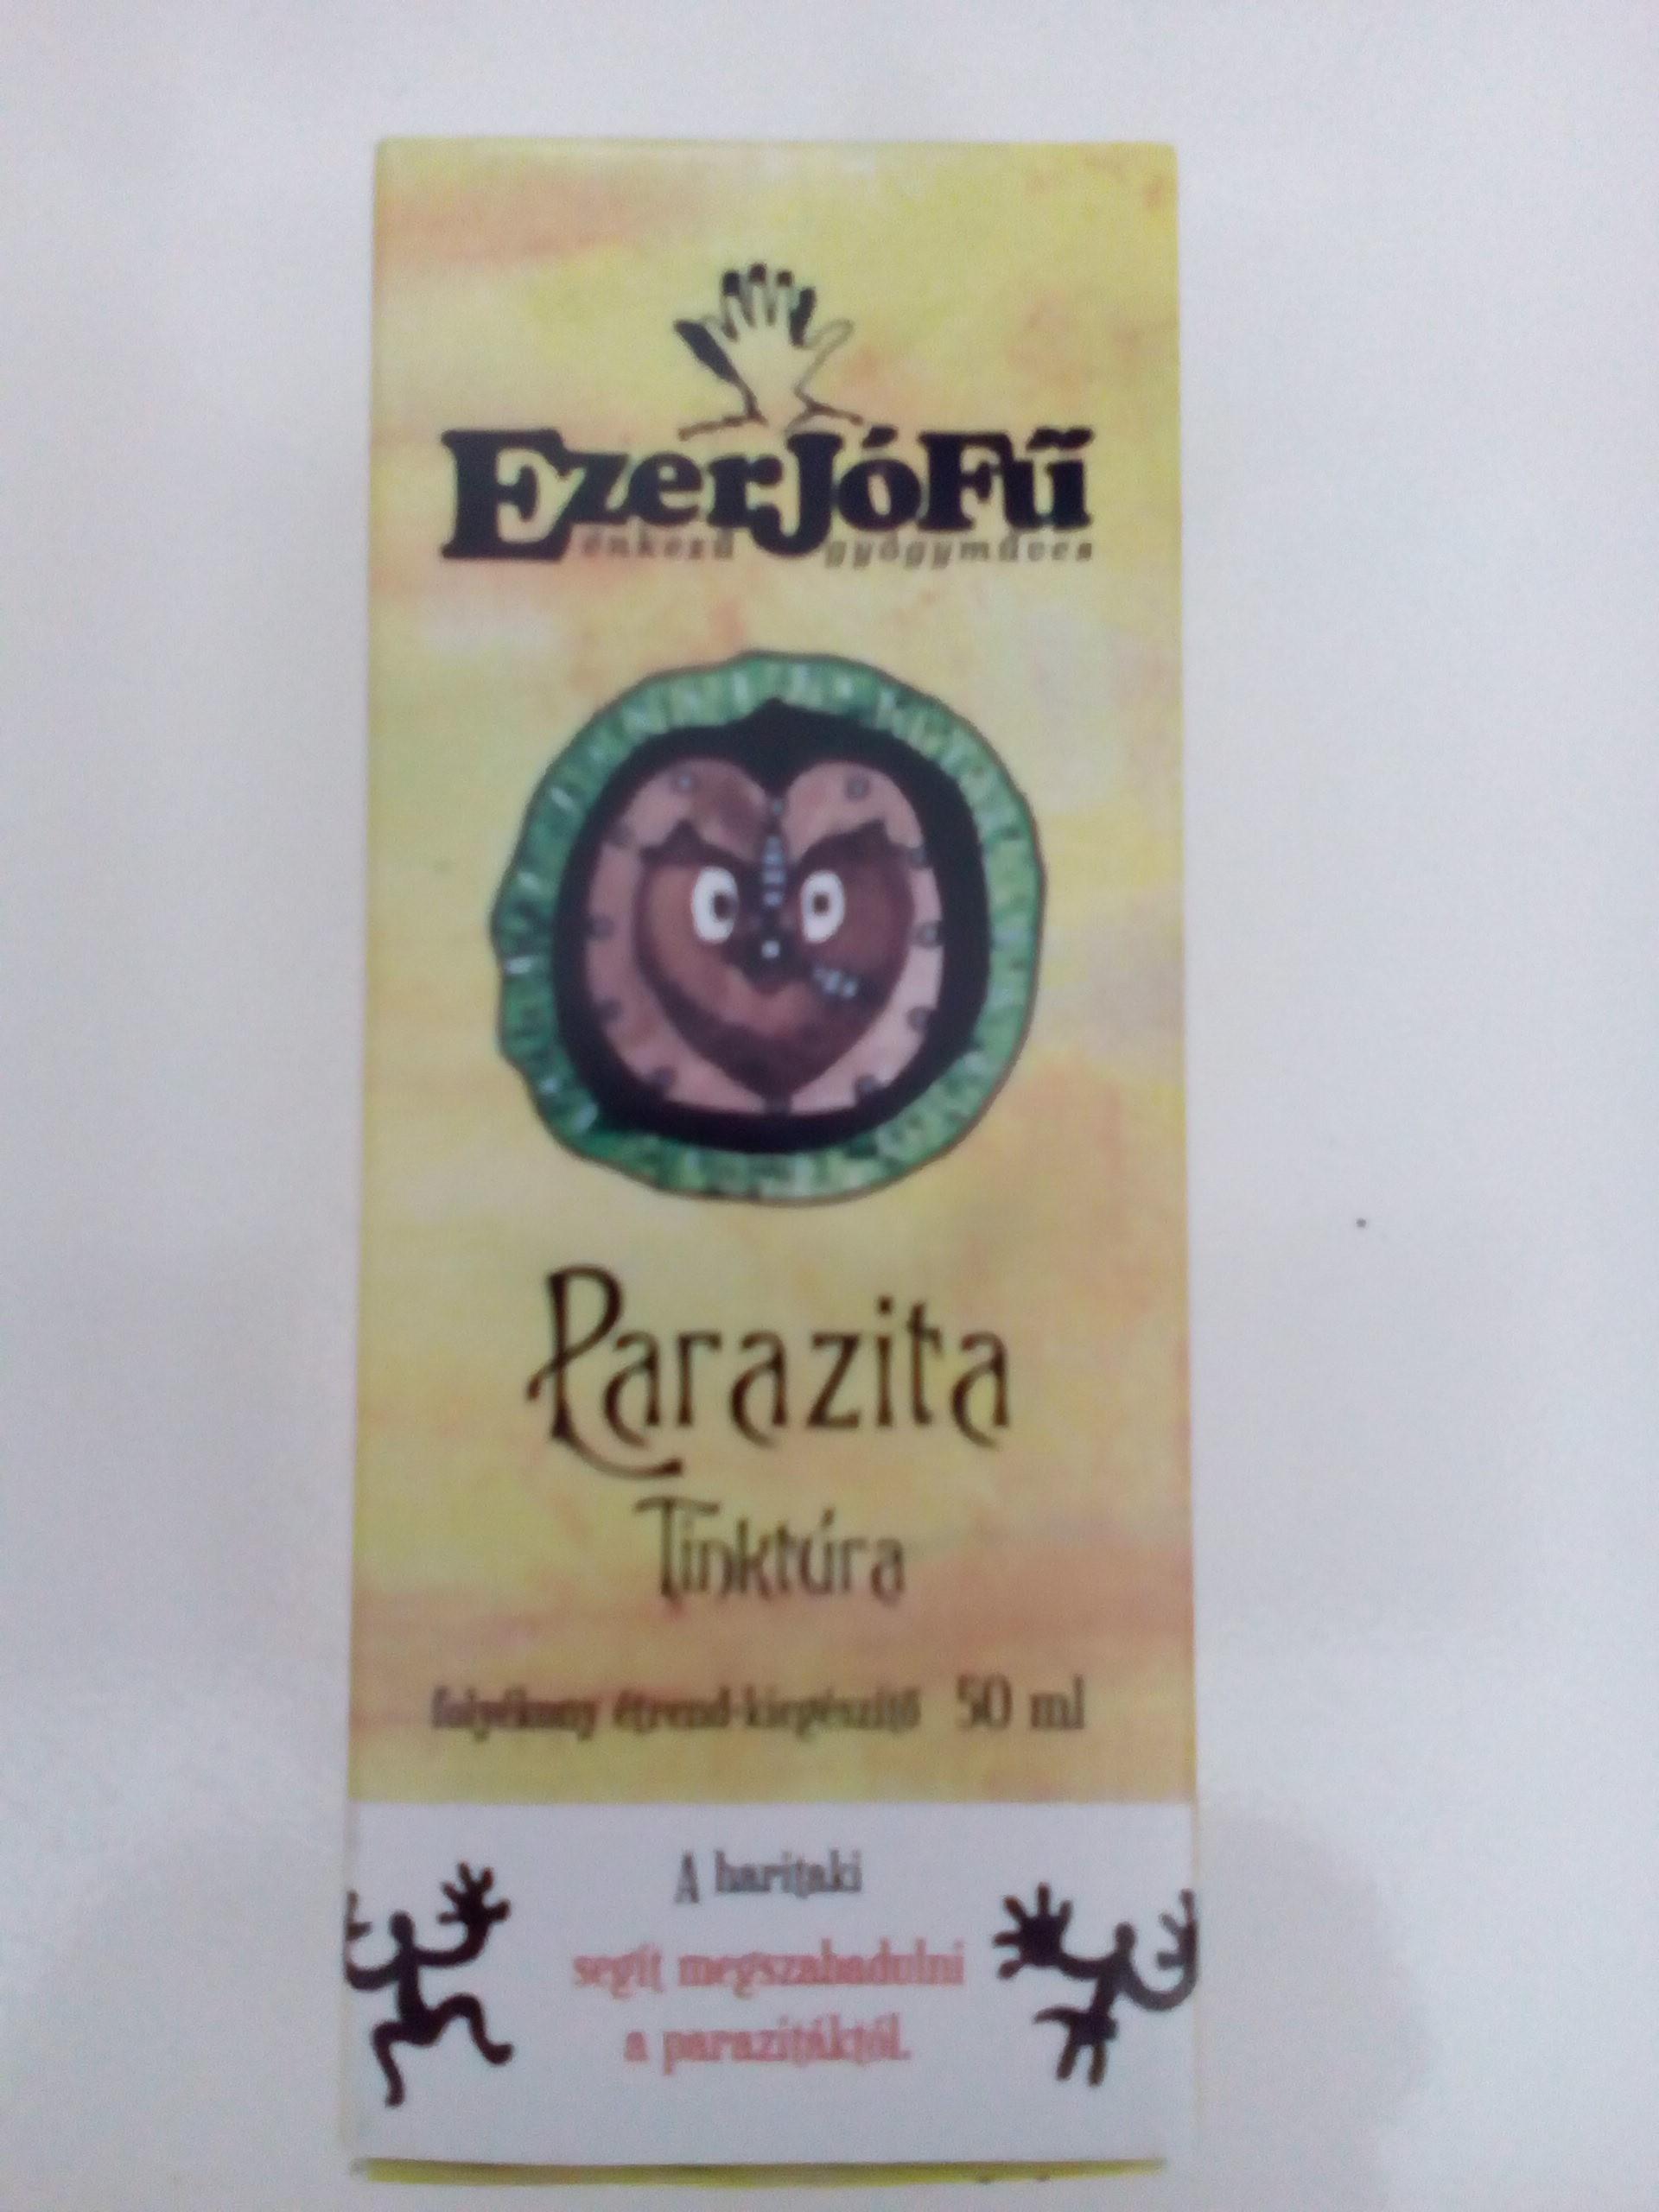 parazita tablettákból készült csillár tinktúra)